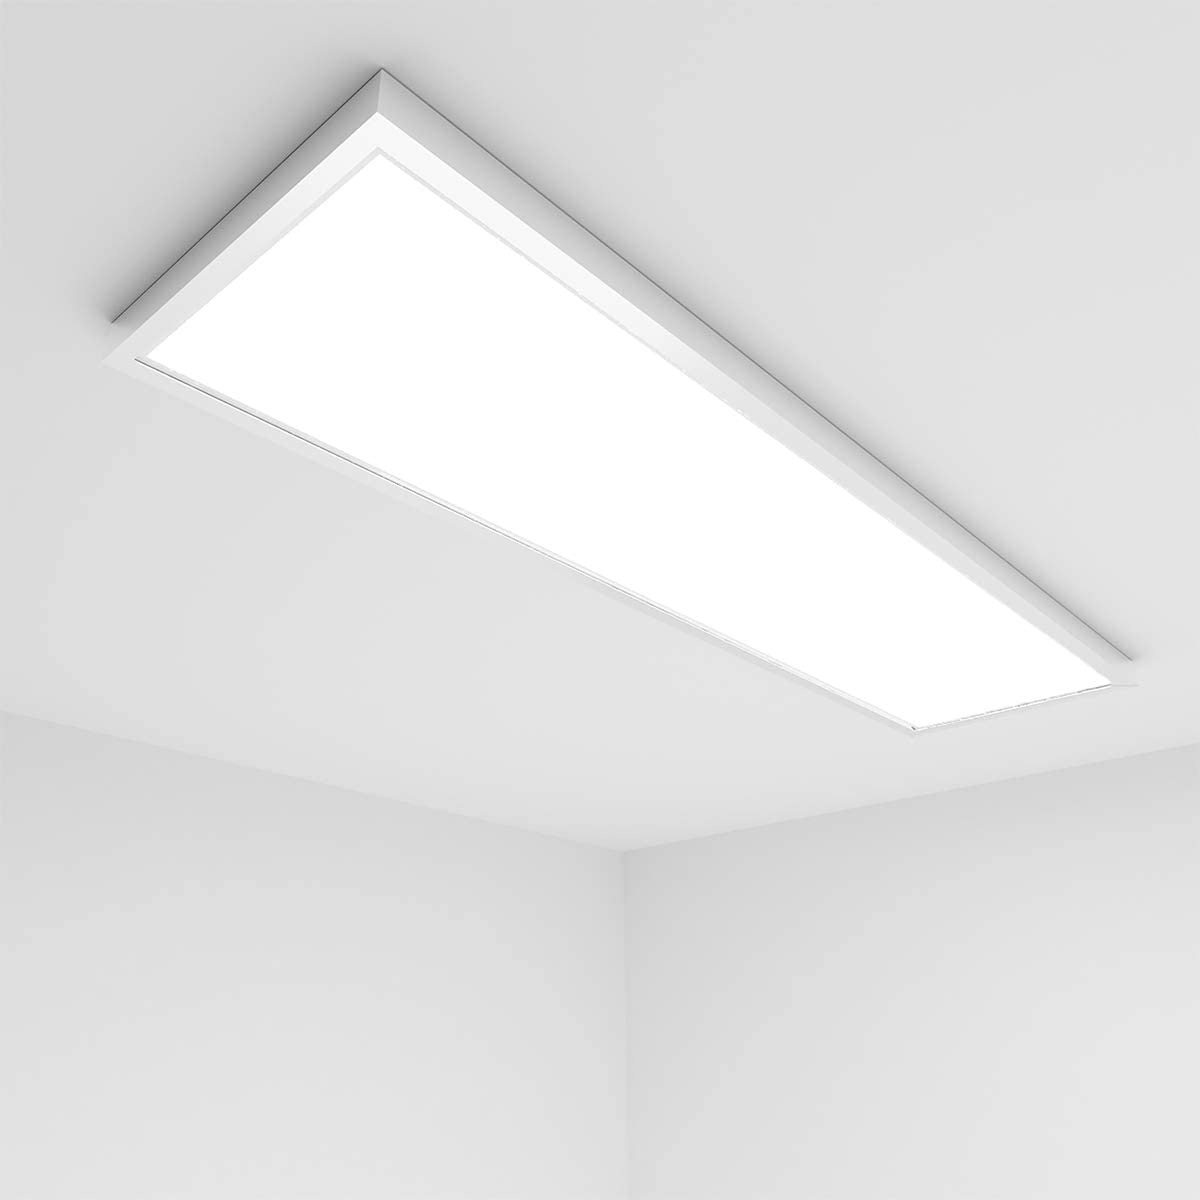 Wohnzimmer Deckenlampe Esszimmer Led Lampe Buroleuchten Fur Schlafzimmer Vkele Led Panel 30x30cm Kaltweiss 6000k 18w 1400 Lumen Silberrahmen Led Panel Deckenleuchte